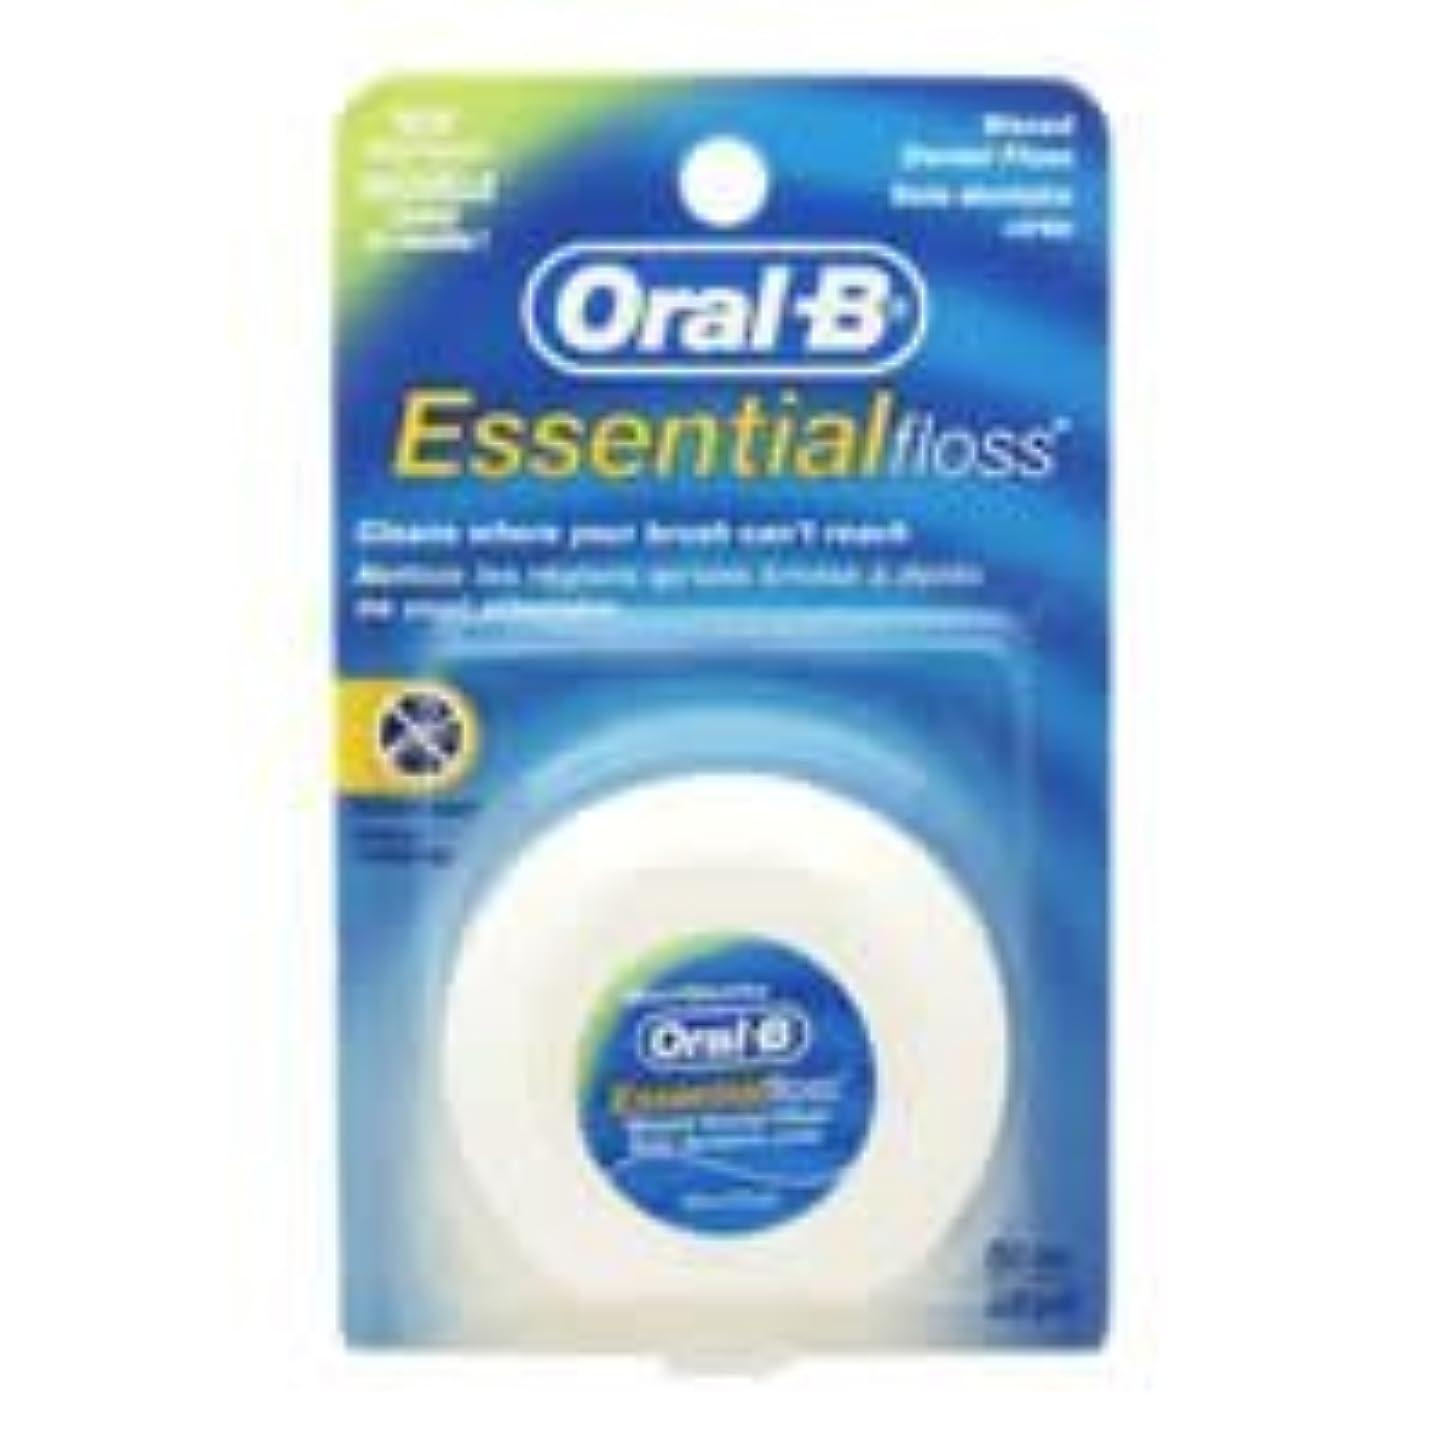 トラクター世紀レギュラーOral-B Essential Waxed Dental Floss Mint by Oral-B